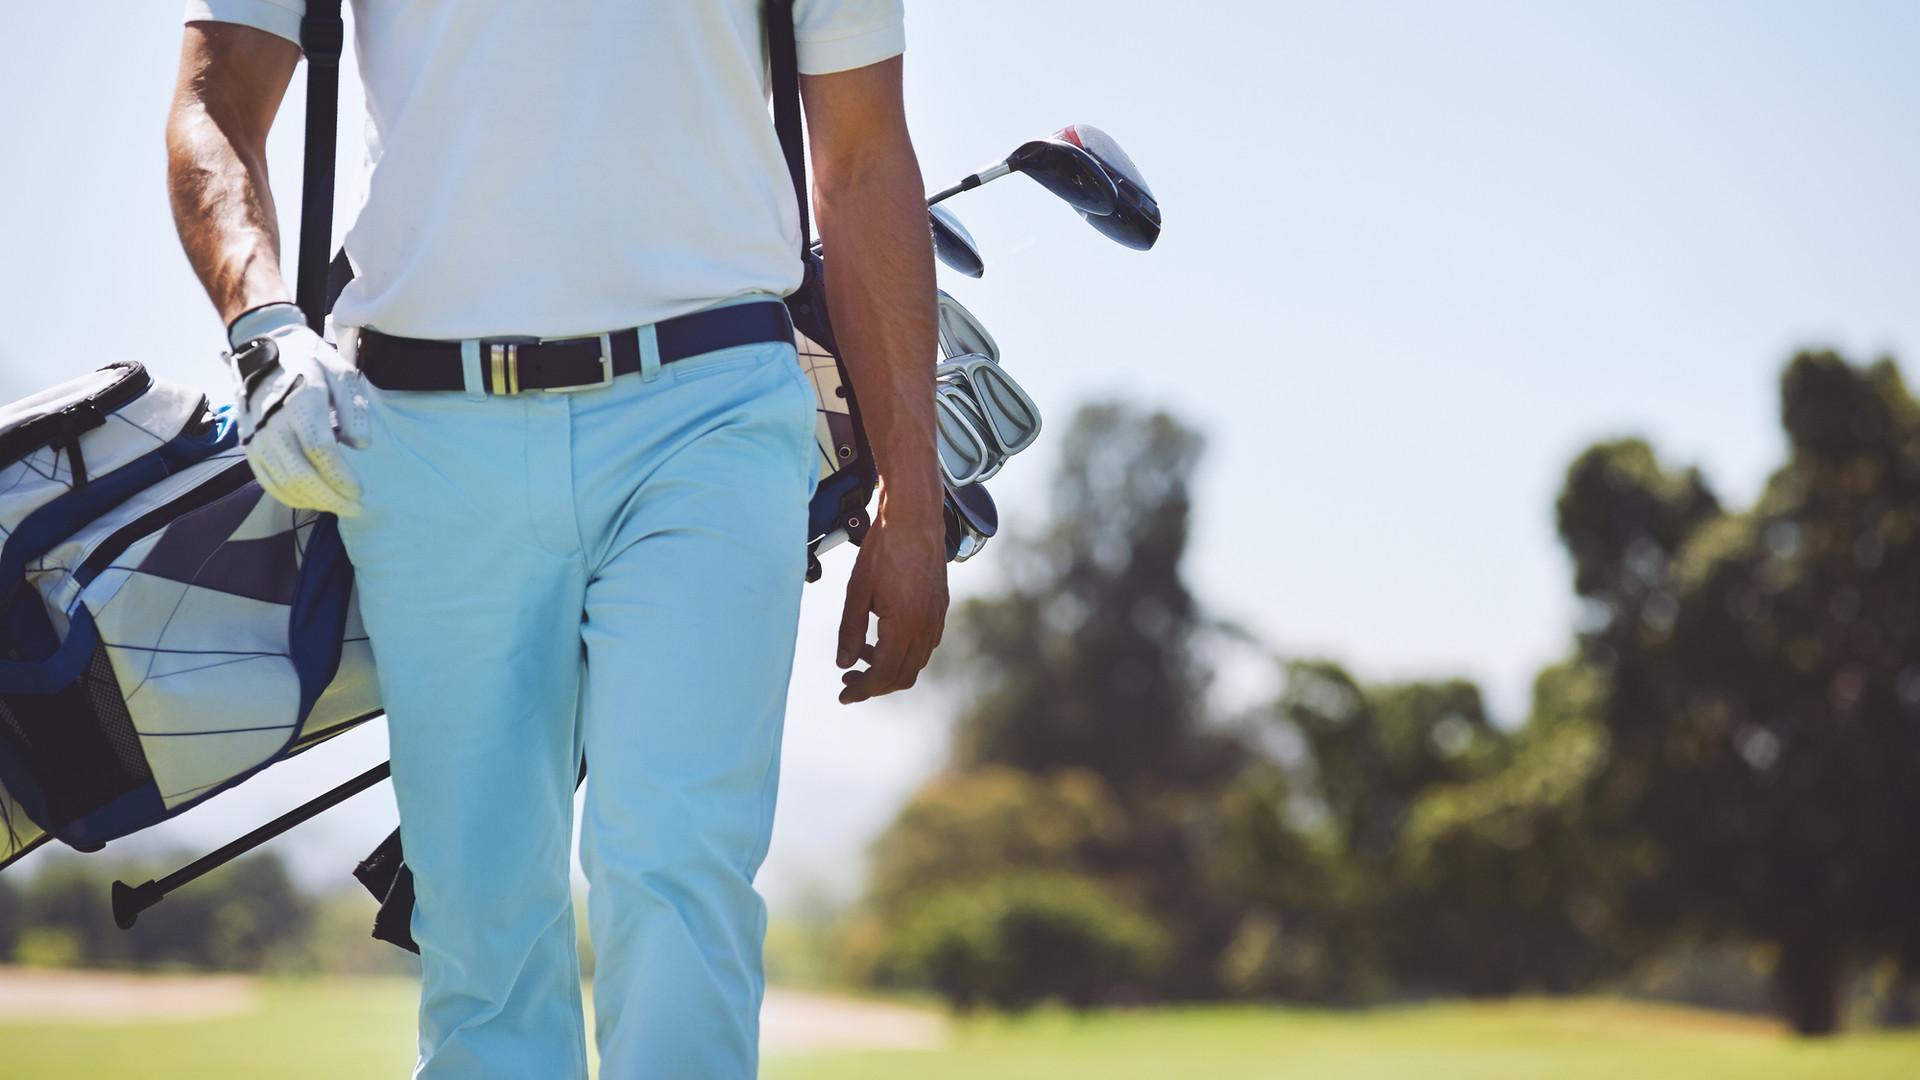 高爾夫球員行走